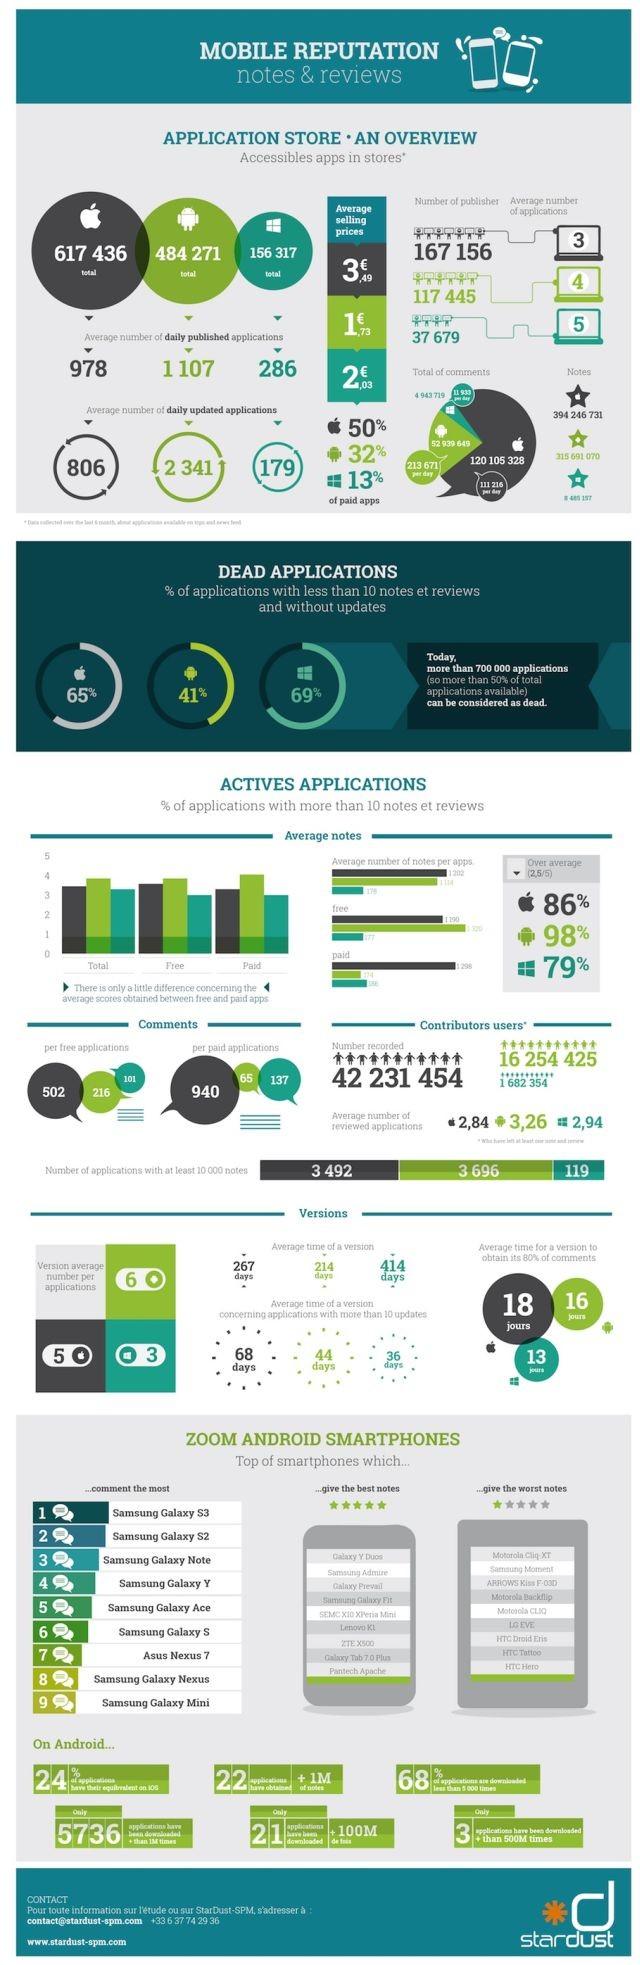 """تقارير : 69% من تطبيقات ويندوز فون و 65% من تطبيقات iOS لا تستخدم """" ميتة """""""